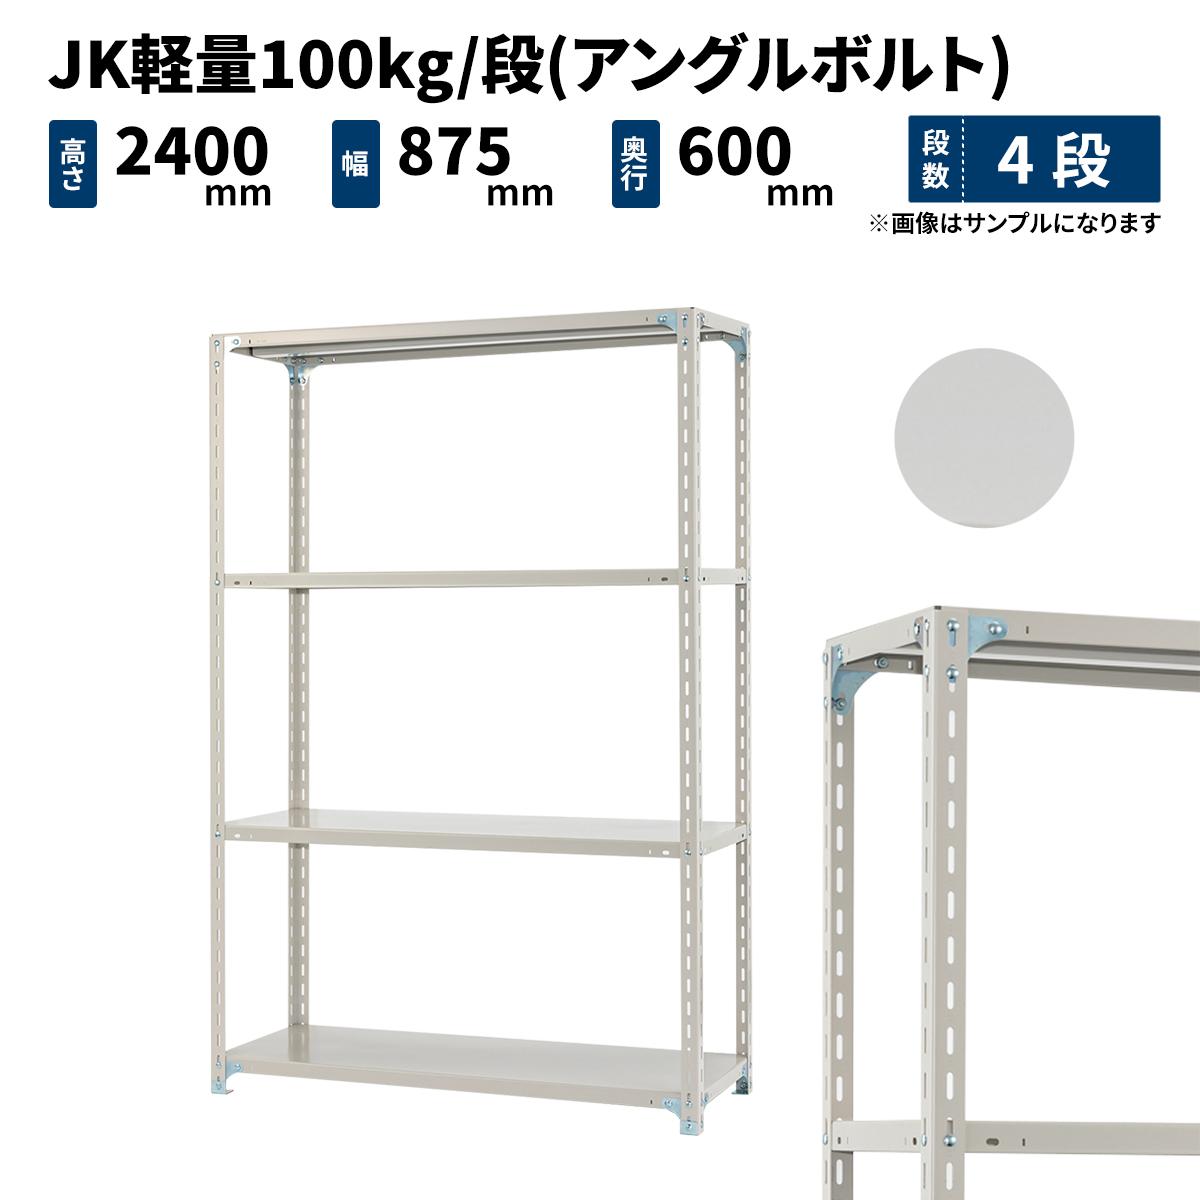 スチールラック 業務用 JK軽量100kg/段(アングルボルト) 高さ2400×幅875×奥行600mm 4段 ホワイトグレー (32kg) JK100BT-248706-4